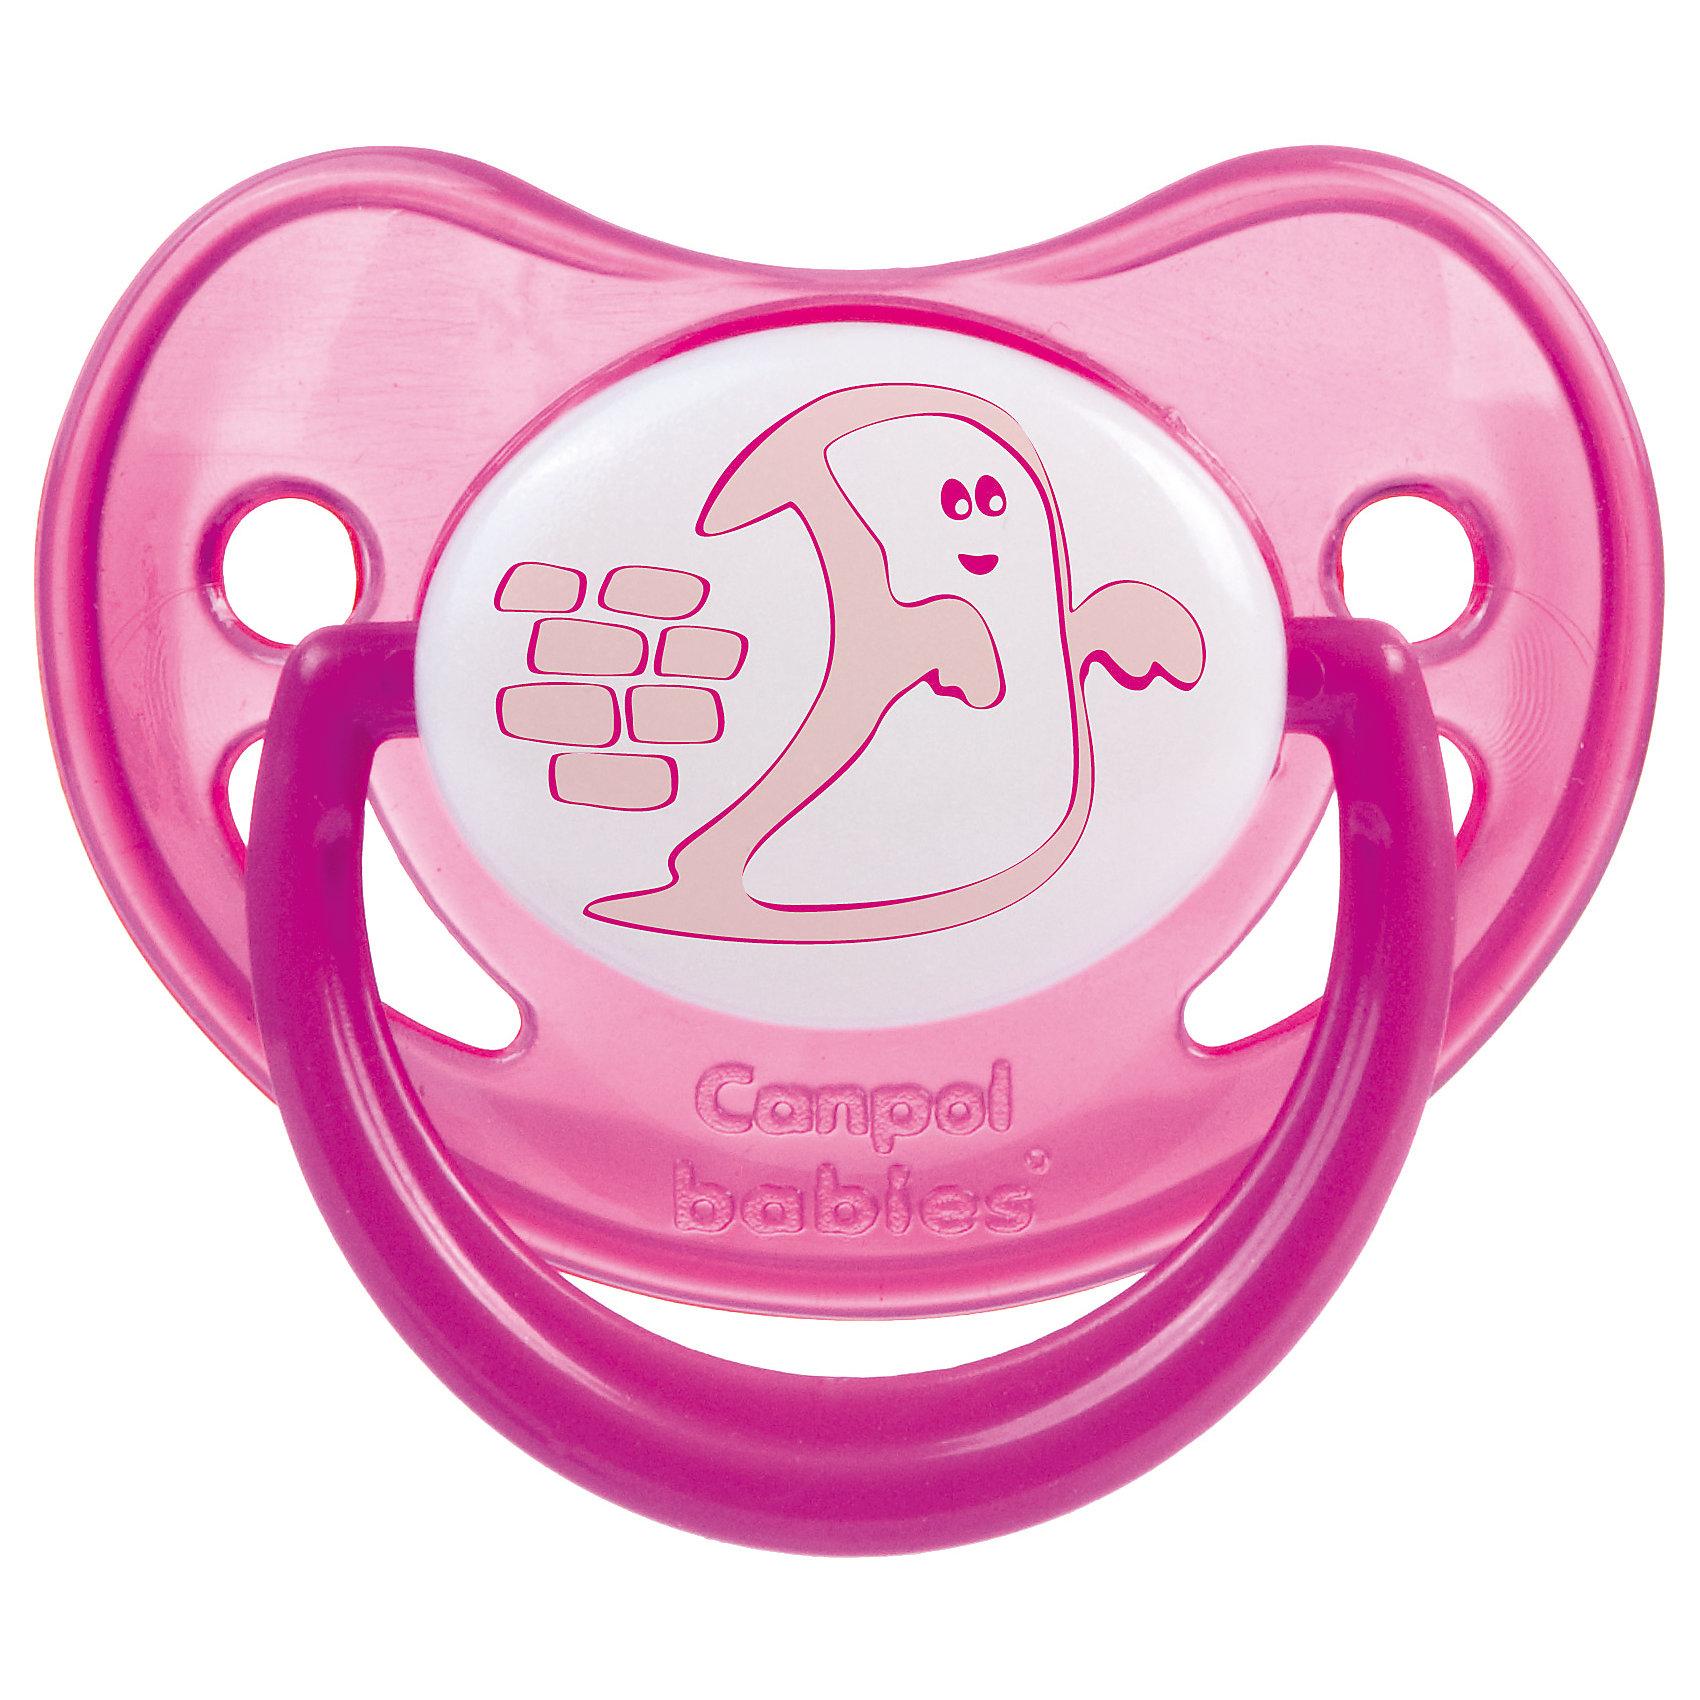 Пустышка анатомическая силиконовая, 6-18 Night Dreams, Canpol Babies, розовыйПустышки из силикона<br>Характеристики:<br><br>• Наименование: пустышка<br>• Пол: для девочки<br>• Материал: силикон, пластик<br>• Цвет: белый, розовый<br>• Форма: анатомическая<br>• Наличие отверстий для вентиляции<br>• Наличие кольца для держателя<br>• Особенности ухода: регулярная стерилизация и своевременная замена<br><br>Пустышка анатомическая силиконовая, 6-18 Night Dreams, Canpol Babies, розовый имеет специальную форму, которая обеспечивает правильное давление на небо. Изготовлена из запатентованного вида силикона, который не имеет запаха. При правильном уходе обеспечивает длительное использование. У соски имеется классический ограничитель с отверстиями для вентиляции и кольцо для держателя, которое светится в темноте. Пустышка анатомическая силиконовая, 6-18 Night Dreams, Canpol Babies, розовый выполнена в ярком дизайне с изображением милого привидения.<br><br>Пустышку анатомическую силиконовую, 6-18 Night Dreams, Canpol Babies, розовую можно купить в нашем интернет-магазине.<br><br>Ширина мм: 95<br>Глубина мм: 45<br>Высота мм: 155<br>Вес г: 110<br>Возраст от месяцев: 6<br>Возраст до месяцев: 18<br>Пол: Женский<br>Возраст: Детский<br>SKU: 5156624